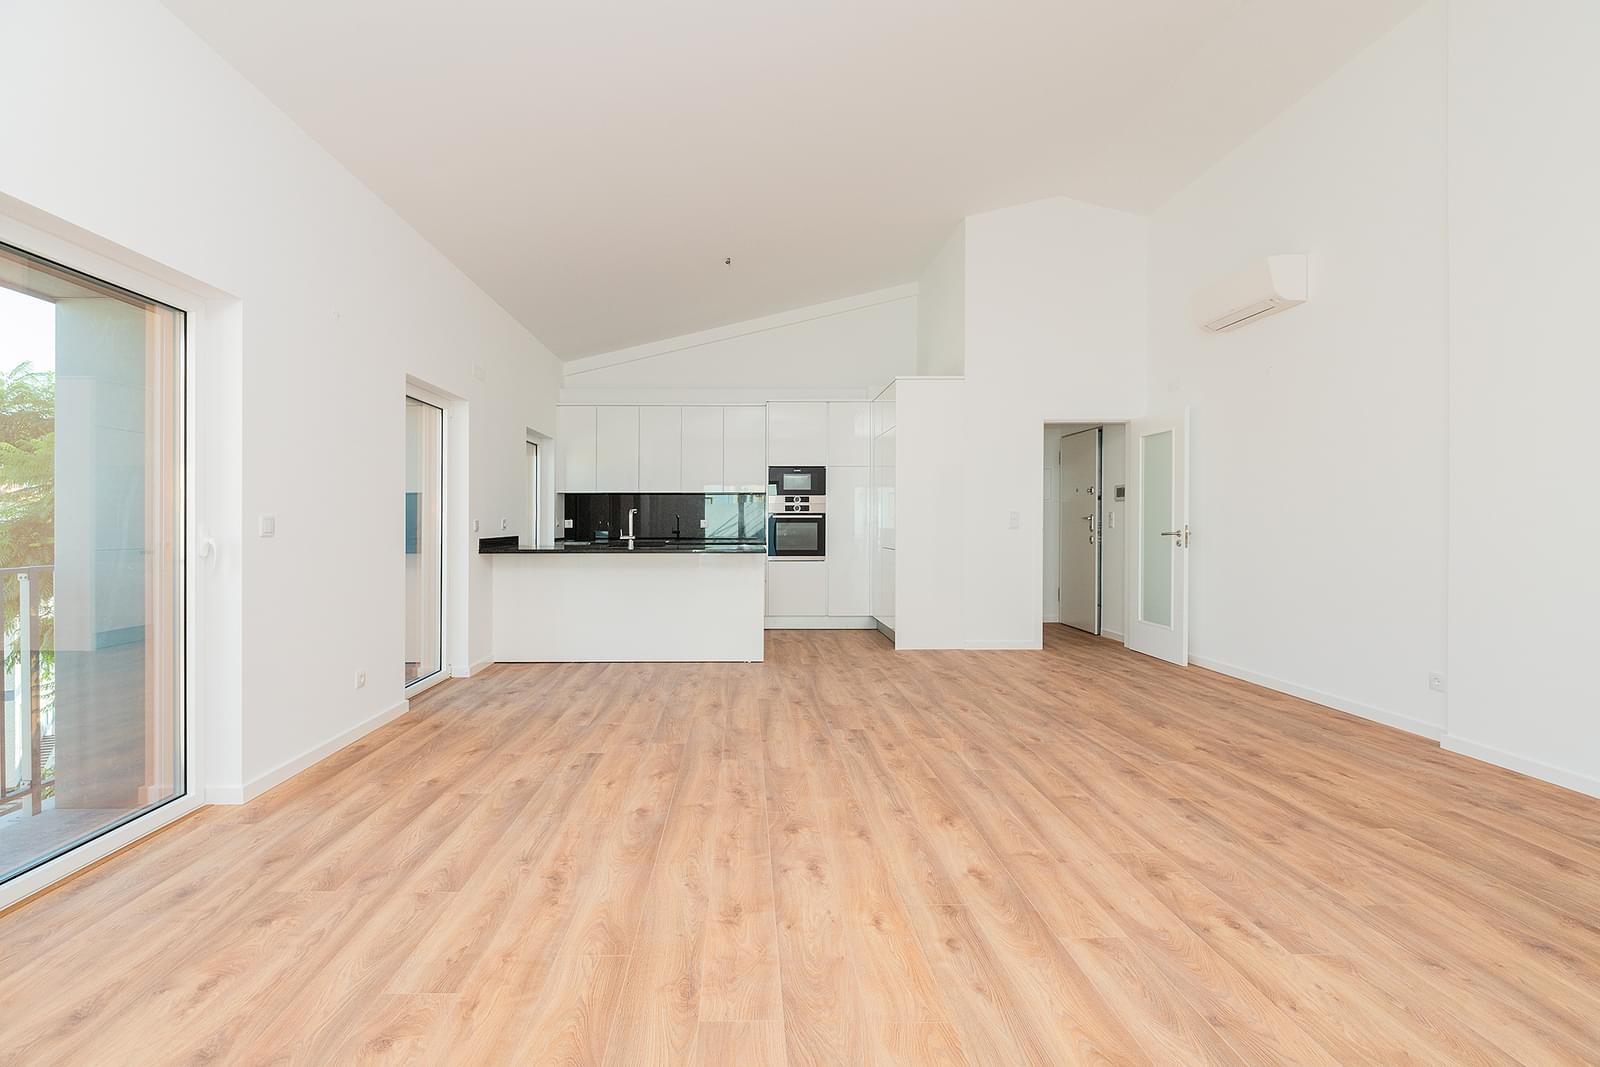 pf18413-apartamento-t1-lisboa-ac8fd0f9-db16-4a0e-ad36-15678d600594